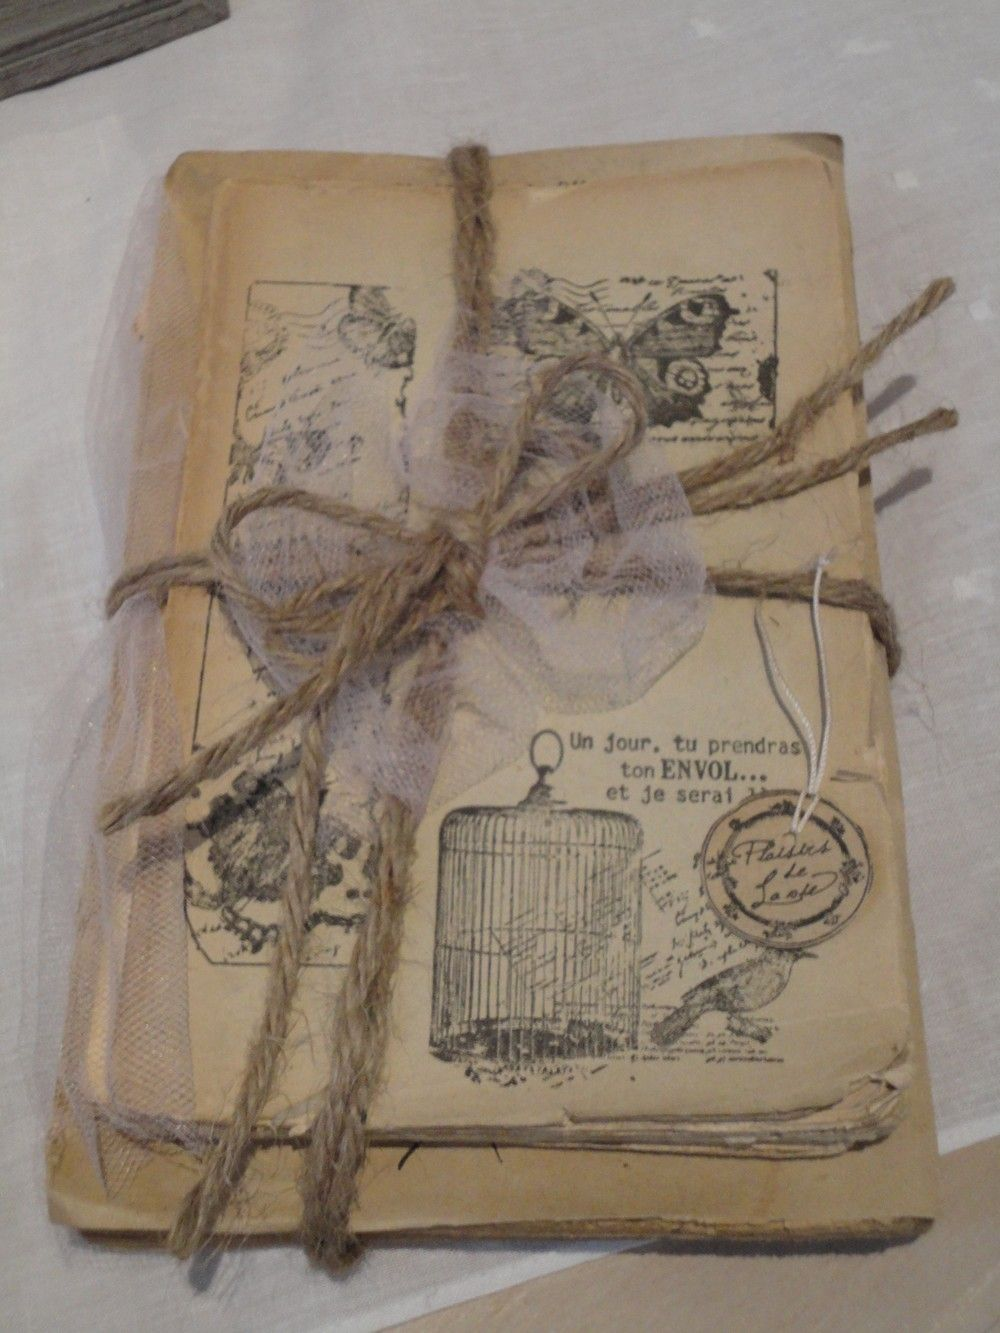 Des livres anciens devenus objets de charme  Charme dantan